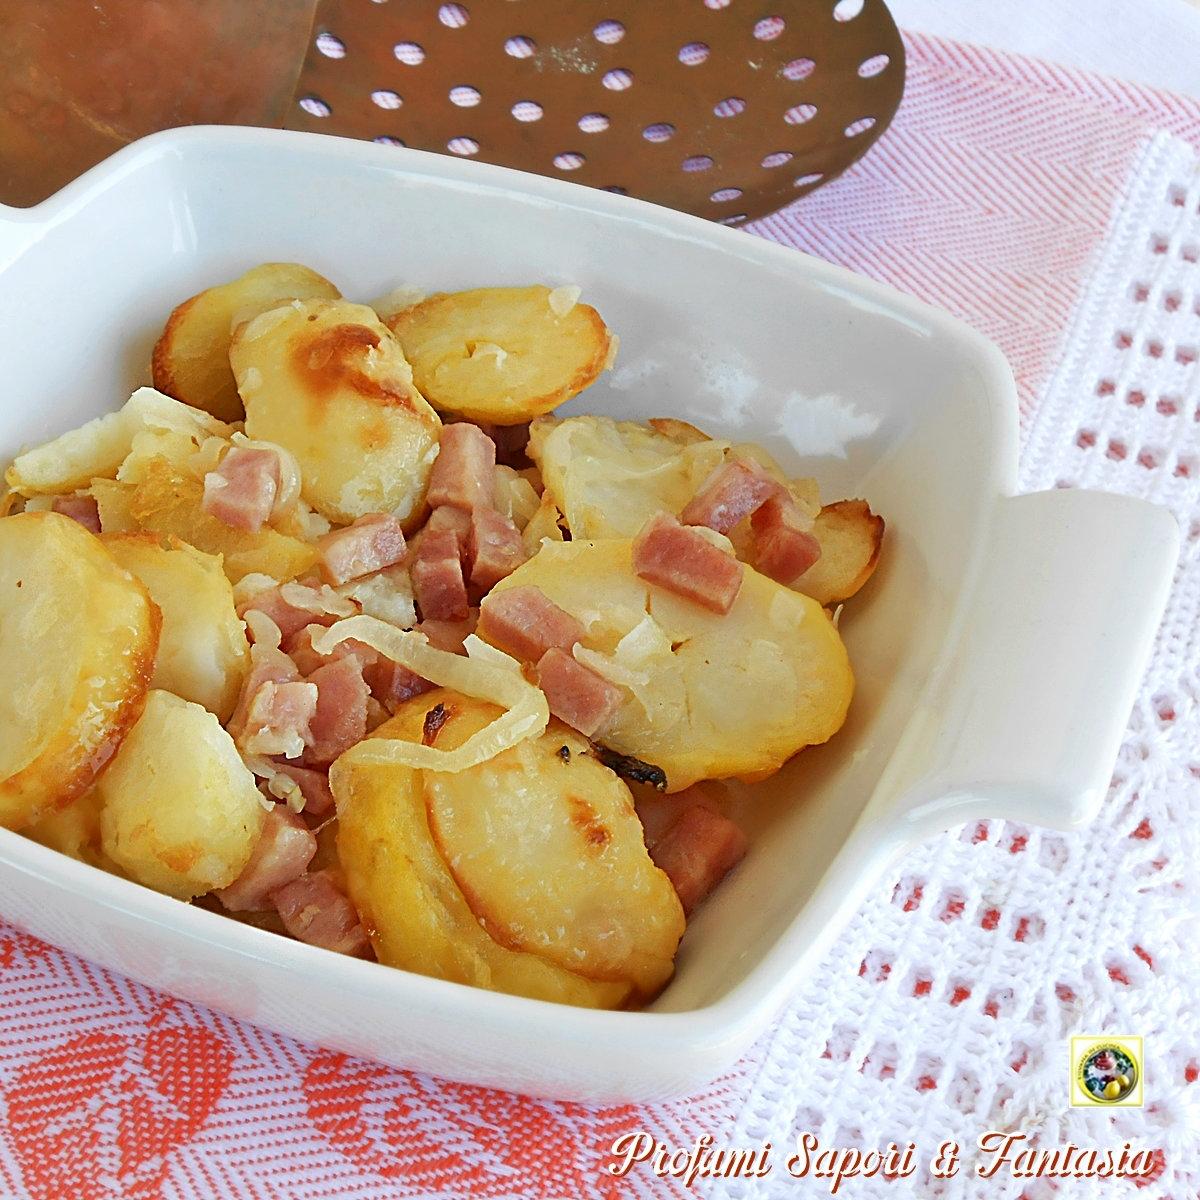 Patate in padella con cipolle e prosciutto Blog Profumi Sapori & Fantasia